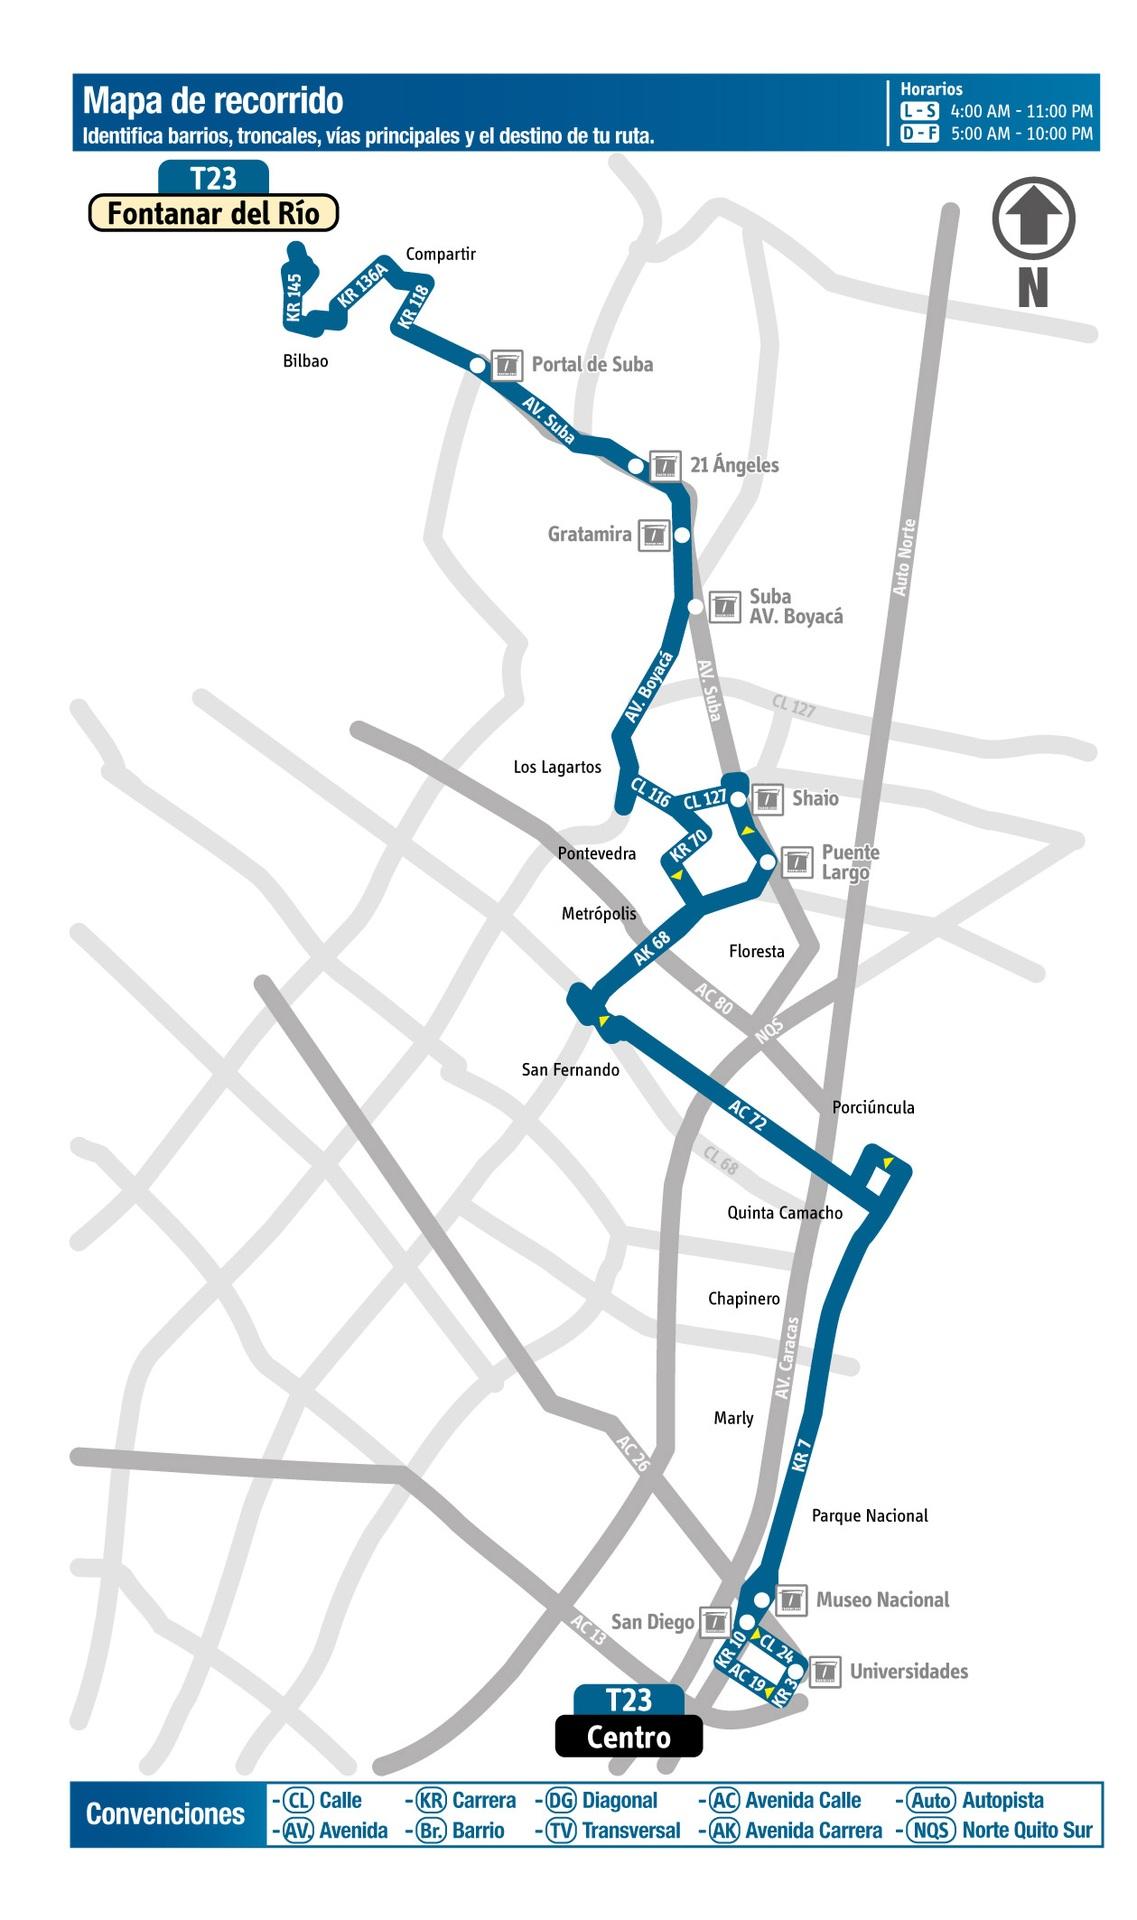 Ruta SITP: Ruta T23: Fontanar del Río ↔ Centro [Urbana]